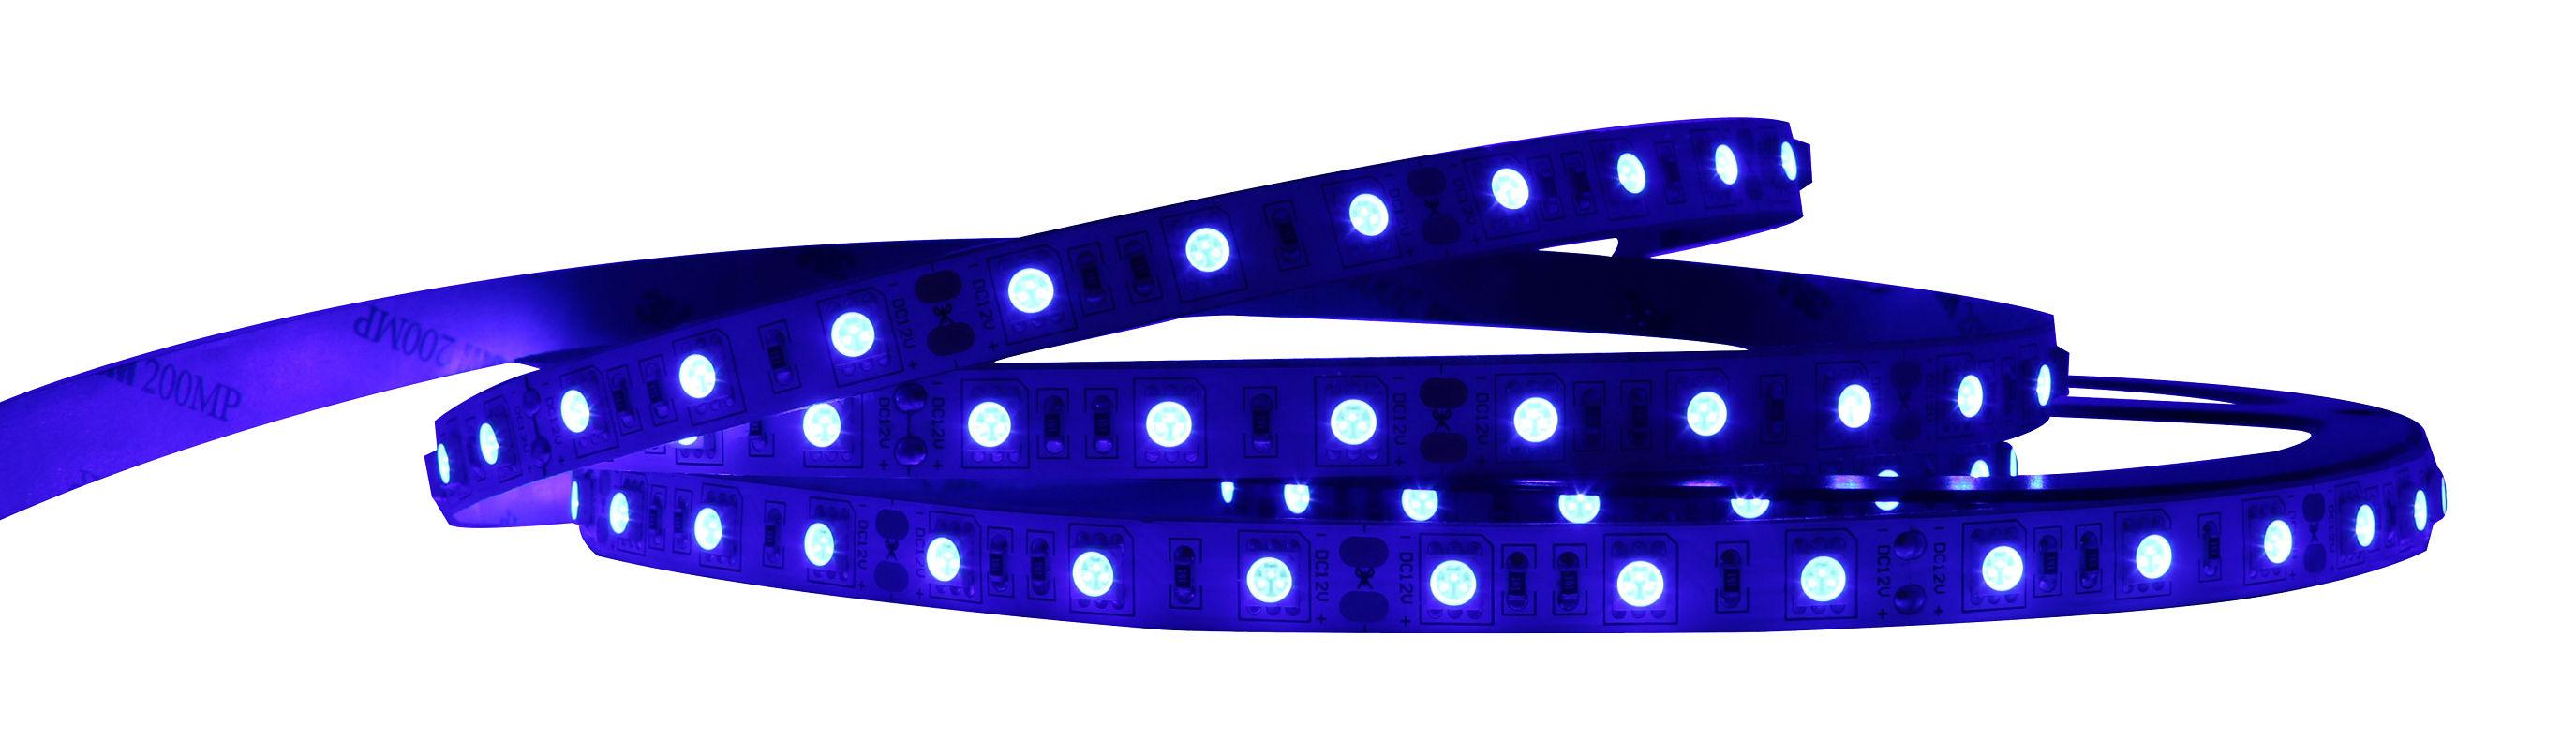 LED Striplight S5050-12V-colour-blue